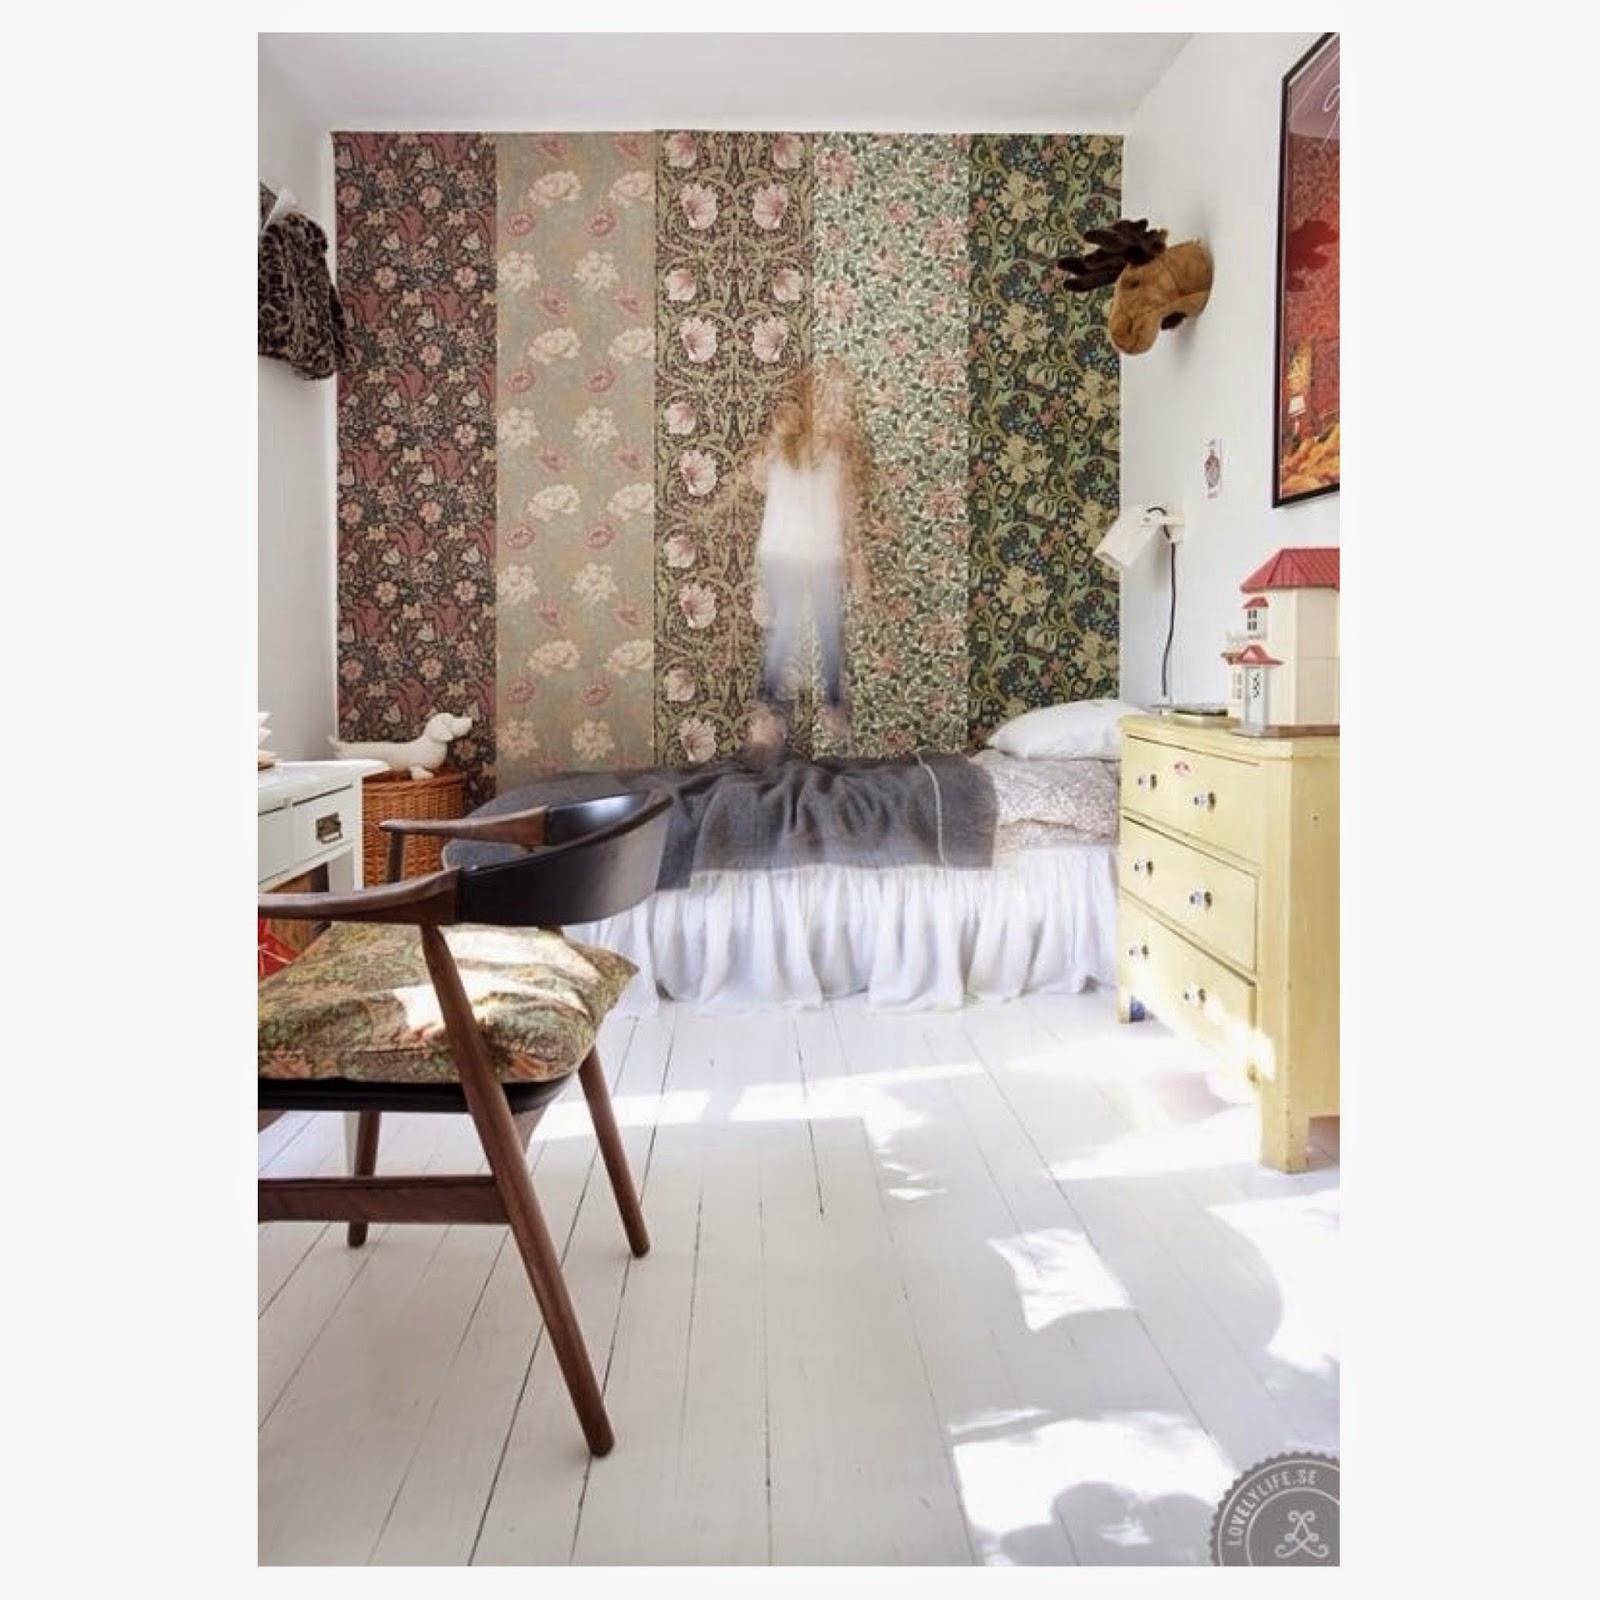 Applicare rosone soffitto: catalogo cornici elementi per interni ...